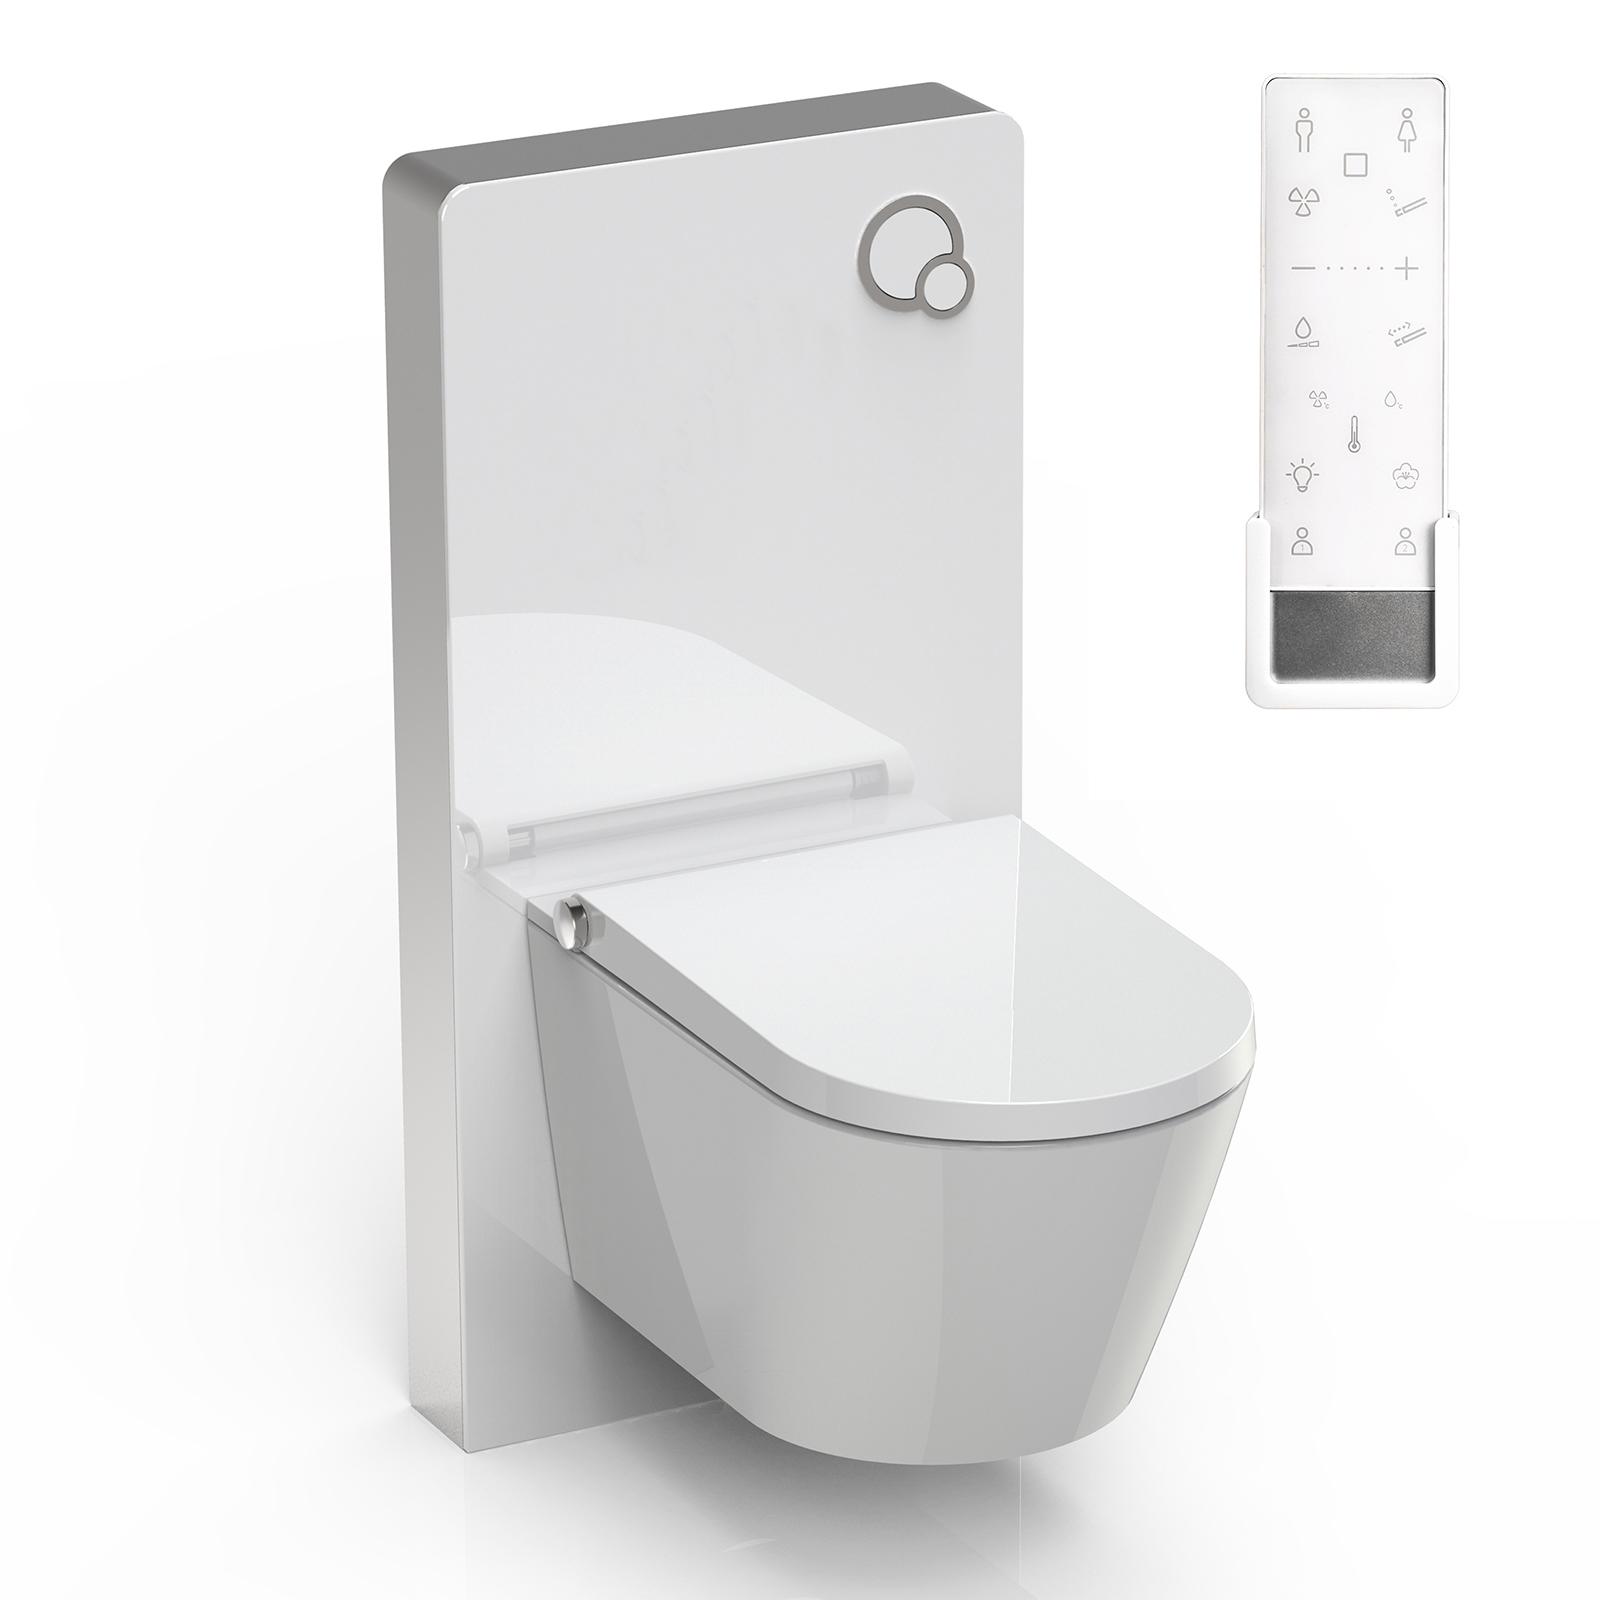 WC-Sparpaket 8: BERNSTEIN DUSCH-WC PRO+ 1102 Komplettanlage & Sanitärmodul 805 in Weiß